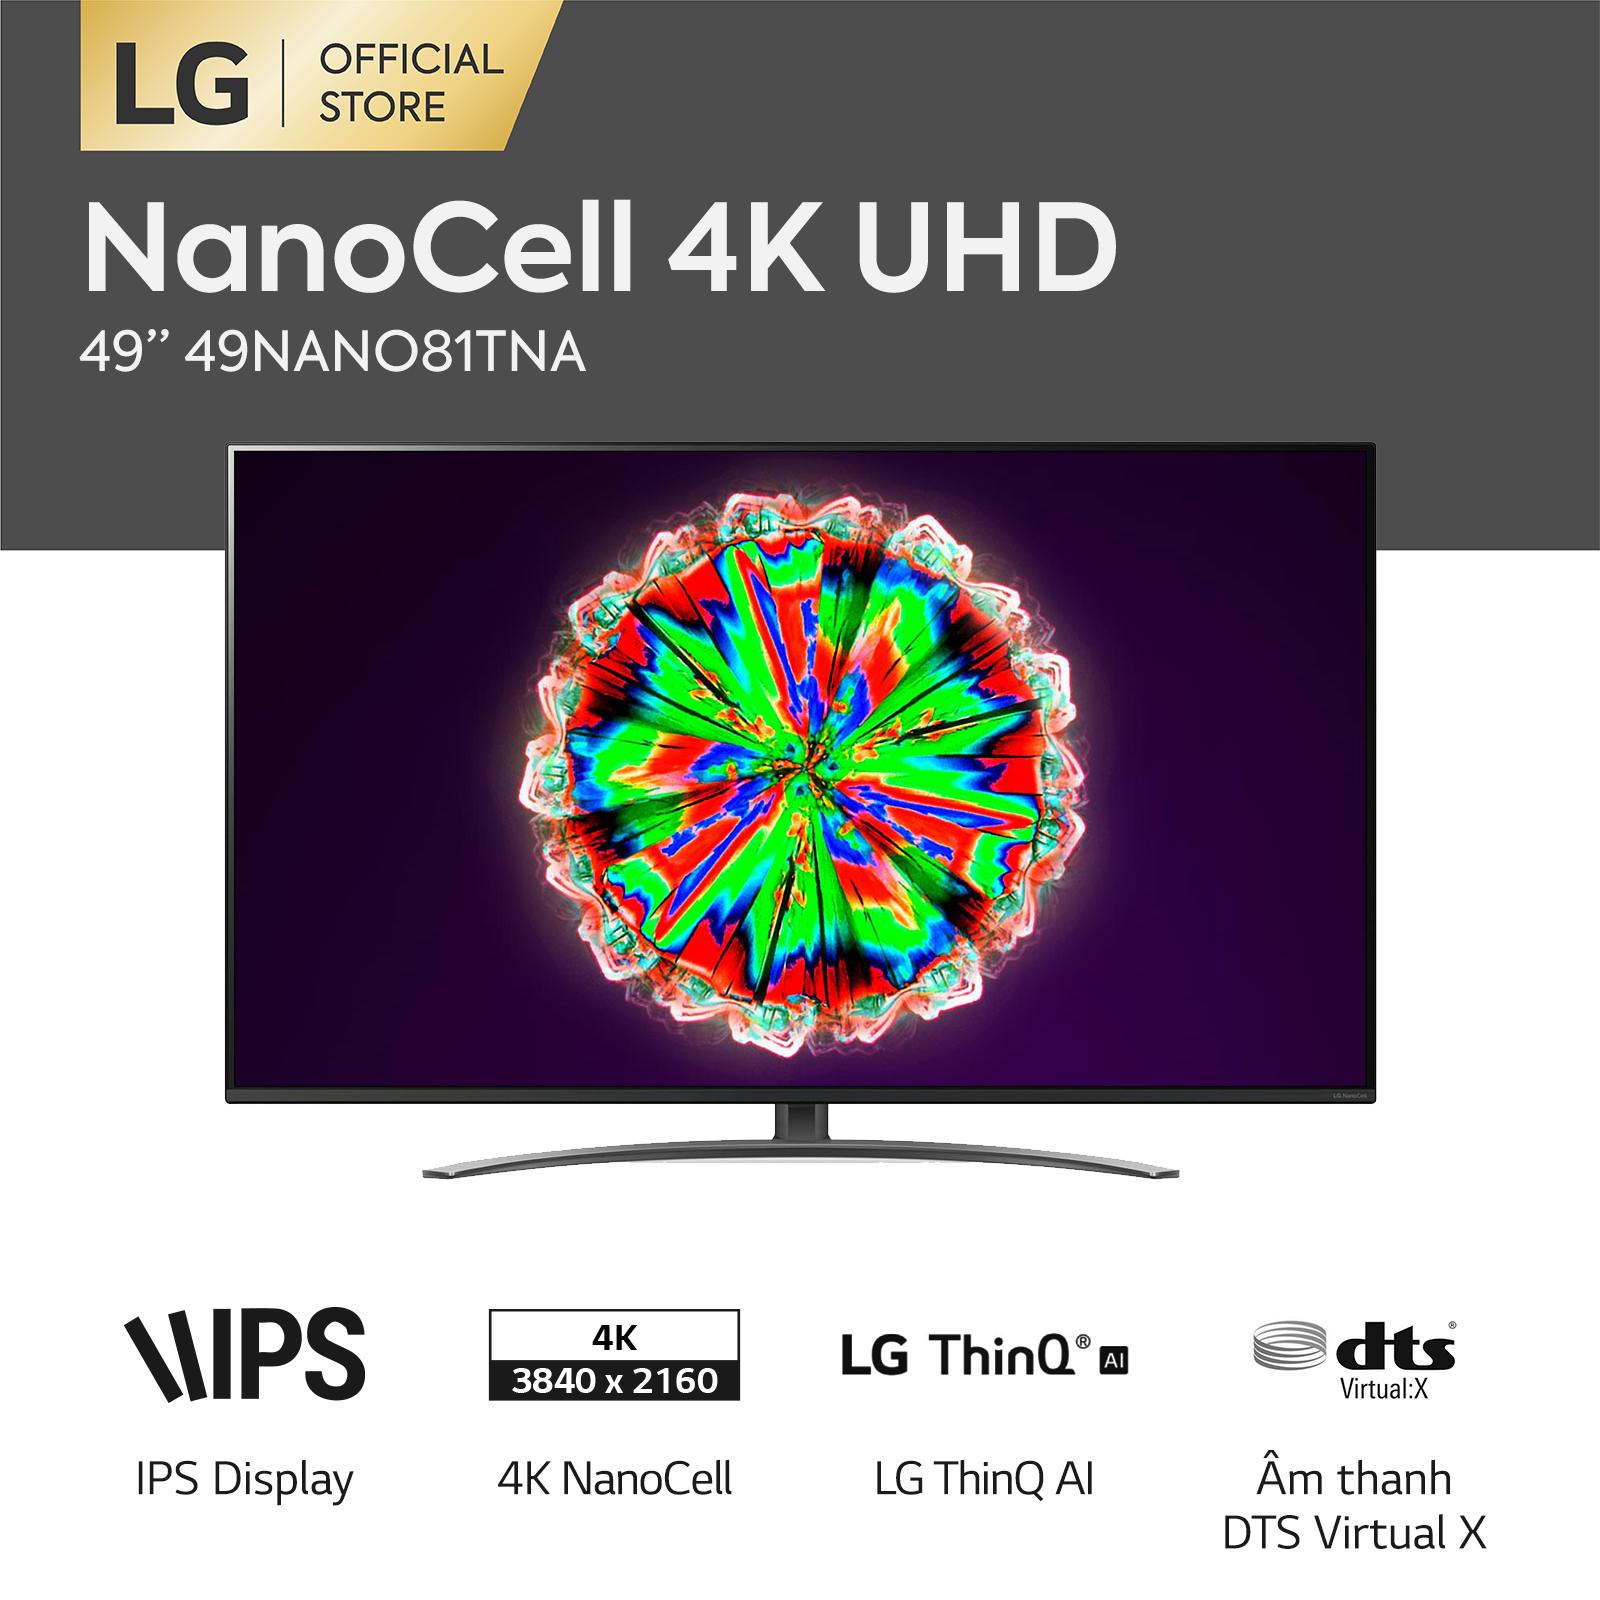 [FREESHIP 500K TOÀN QUỐC] Smart Tivi LG 49 inch 4K NanoCell 49NANO81TNA Model 2020 – Hãng phân phối chính thức